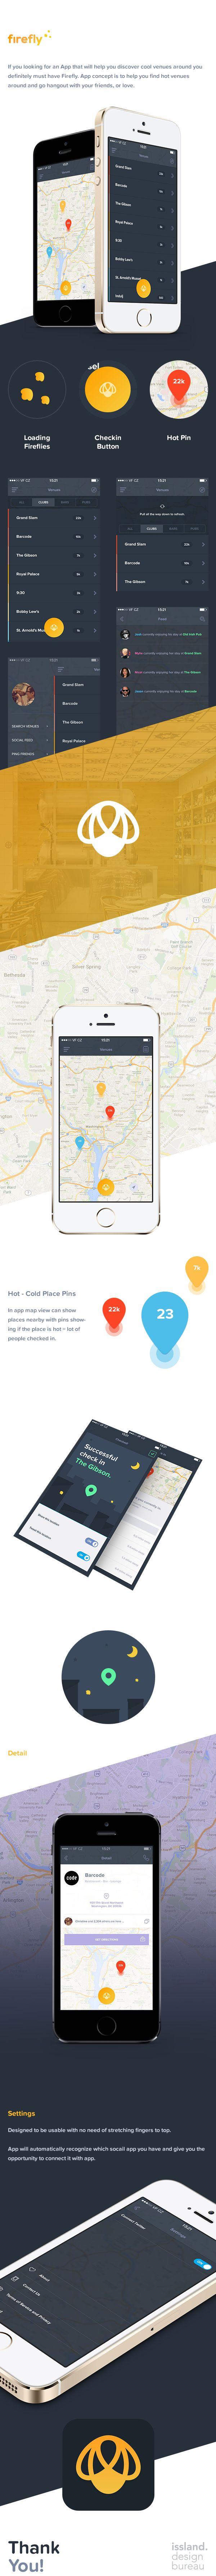 Firefly iOS App